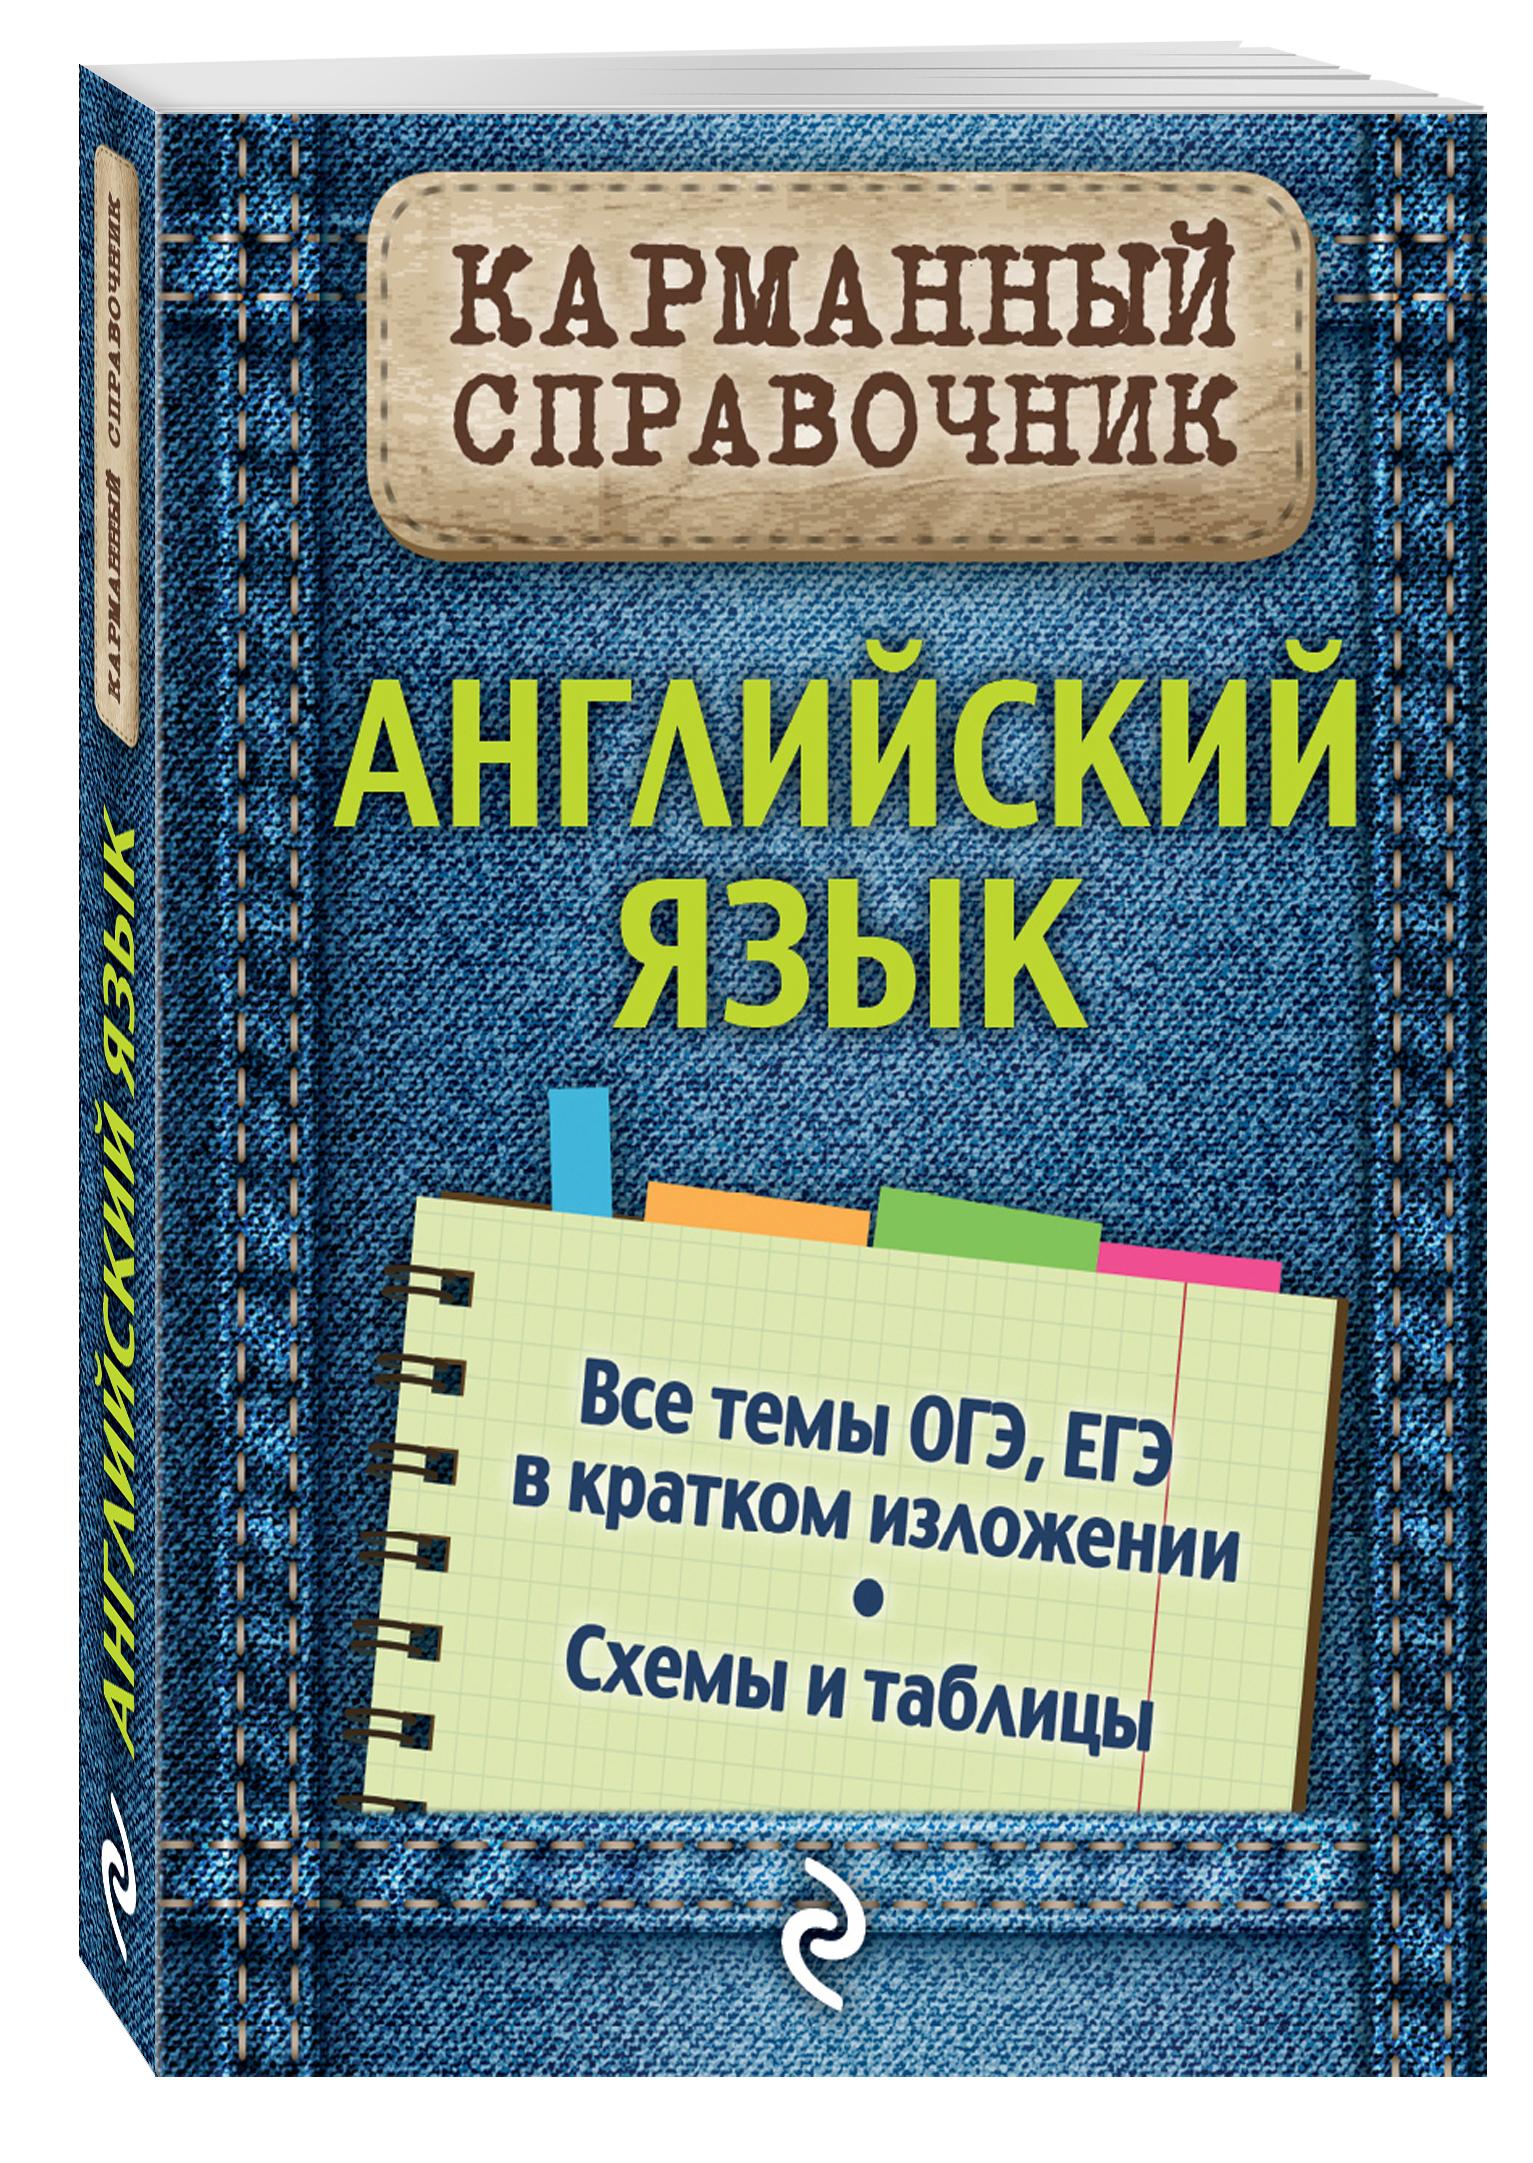 Ильченко В.В. Английский язык учебники феникс карманный справочник по английскому языку